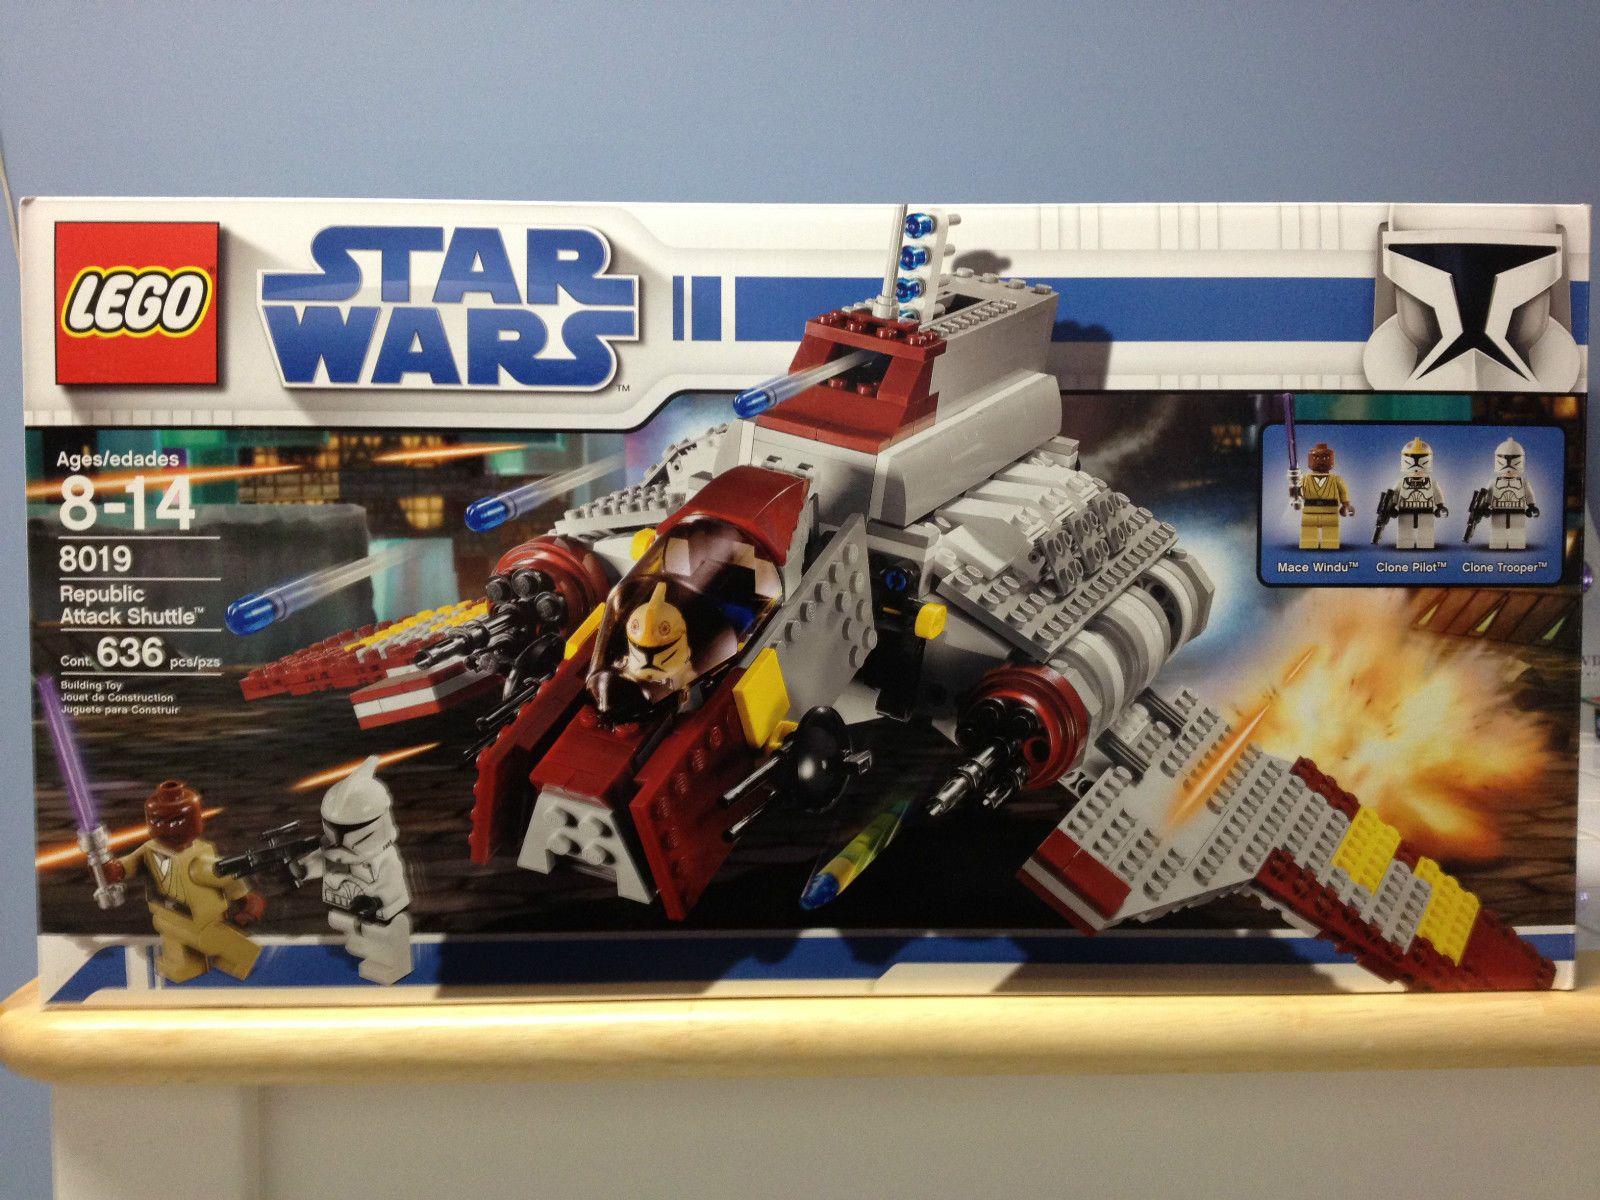 Lego Star Wars Republic Attack Shuttle 8019 Mace Windu Clone Trooper Clone Pilot Star Wars Clone Wars Star Wars Awesome Lego Star Wars